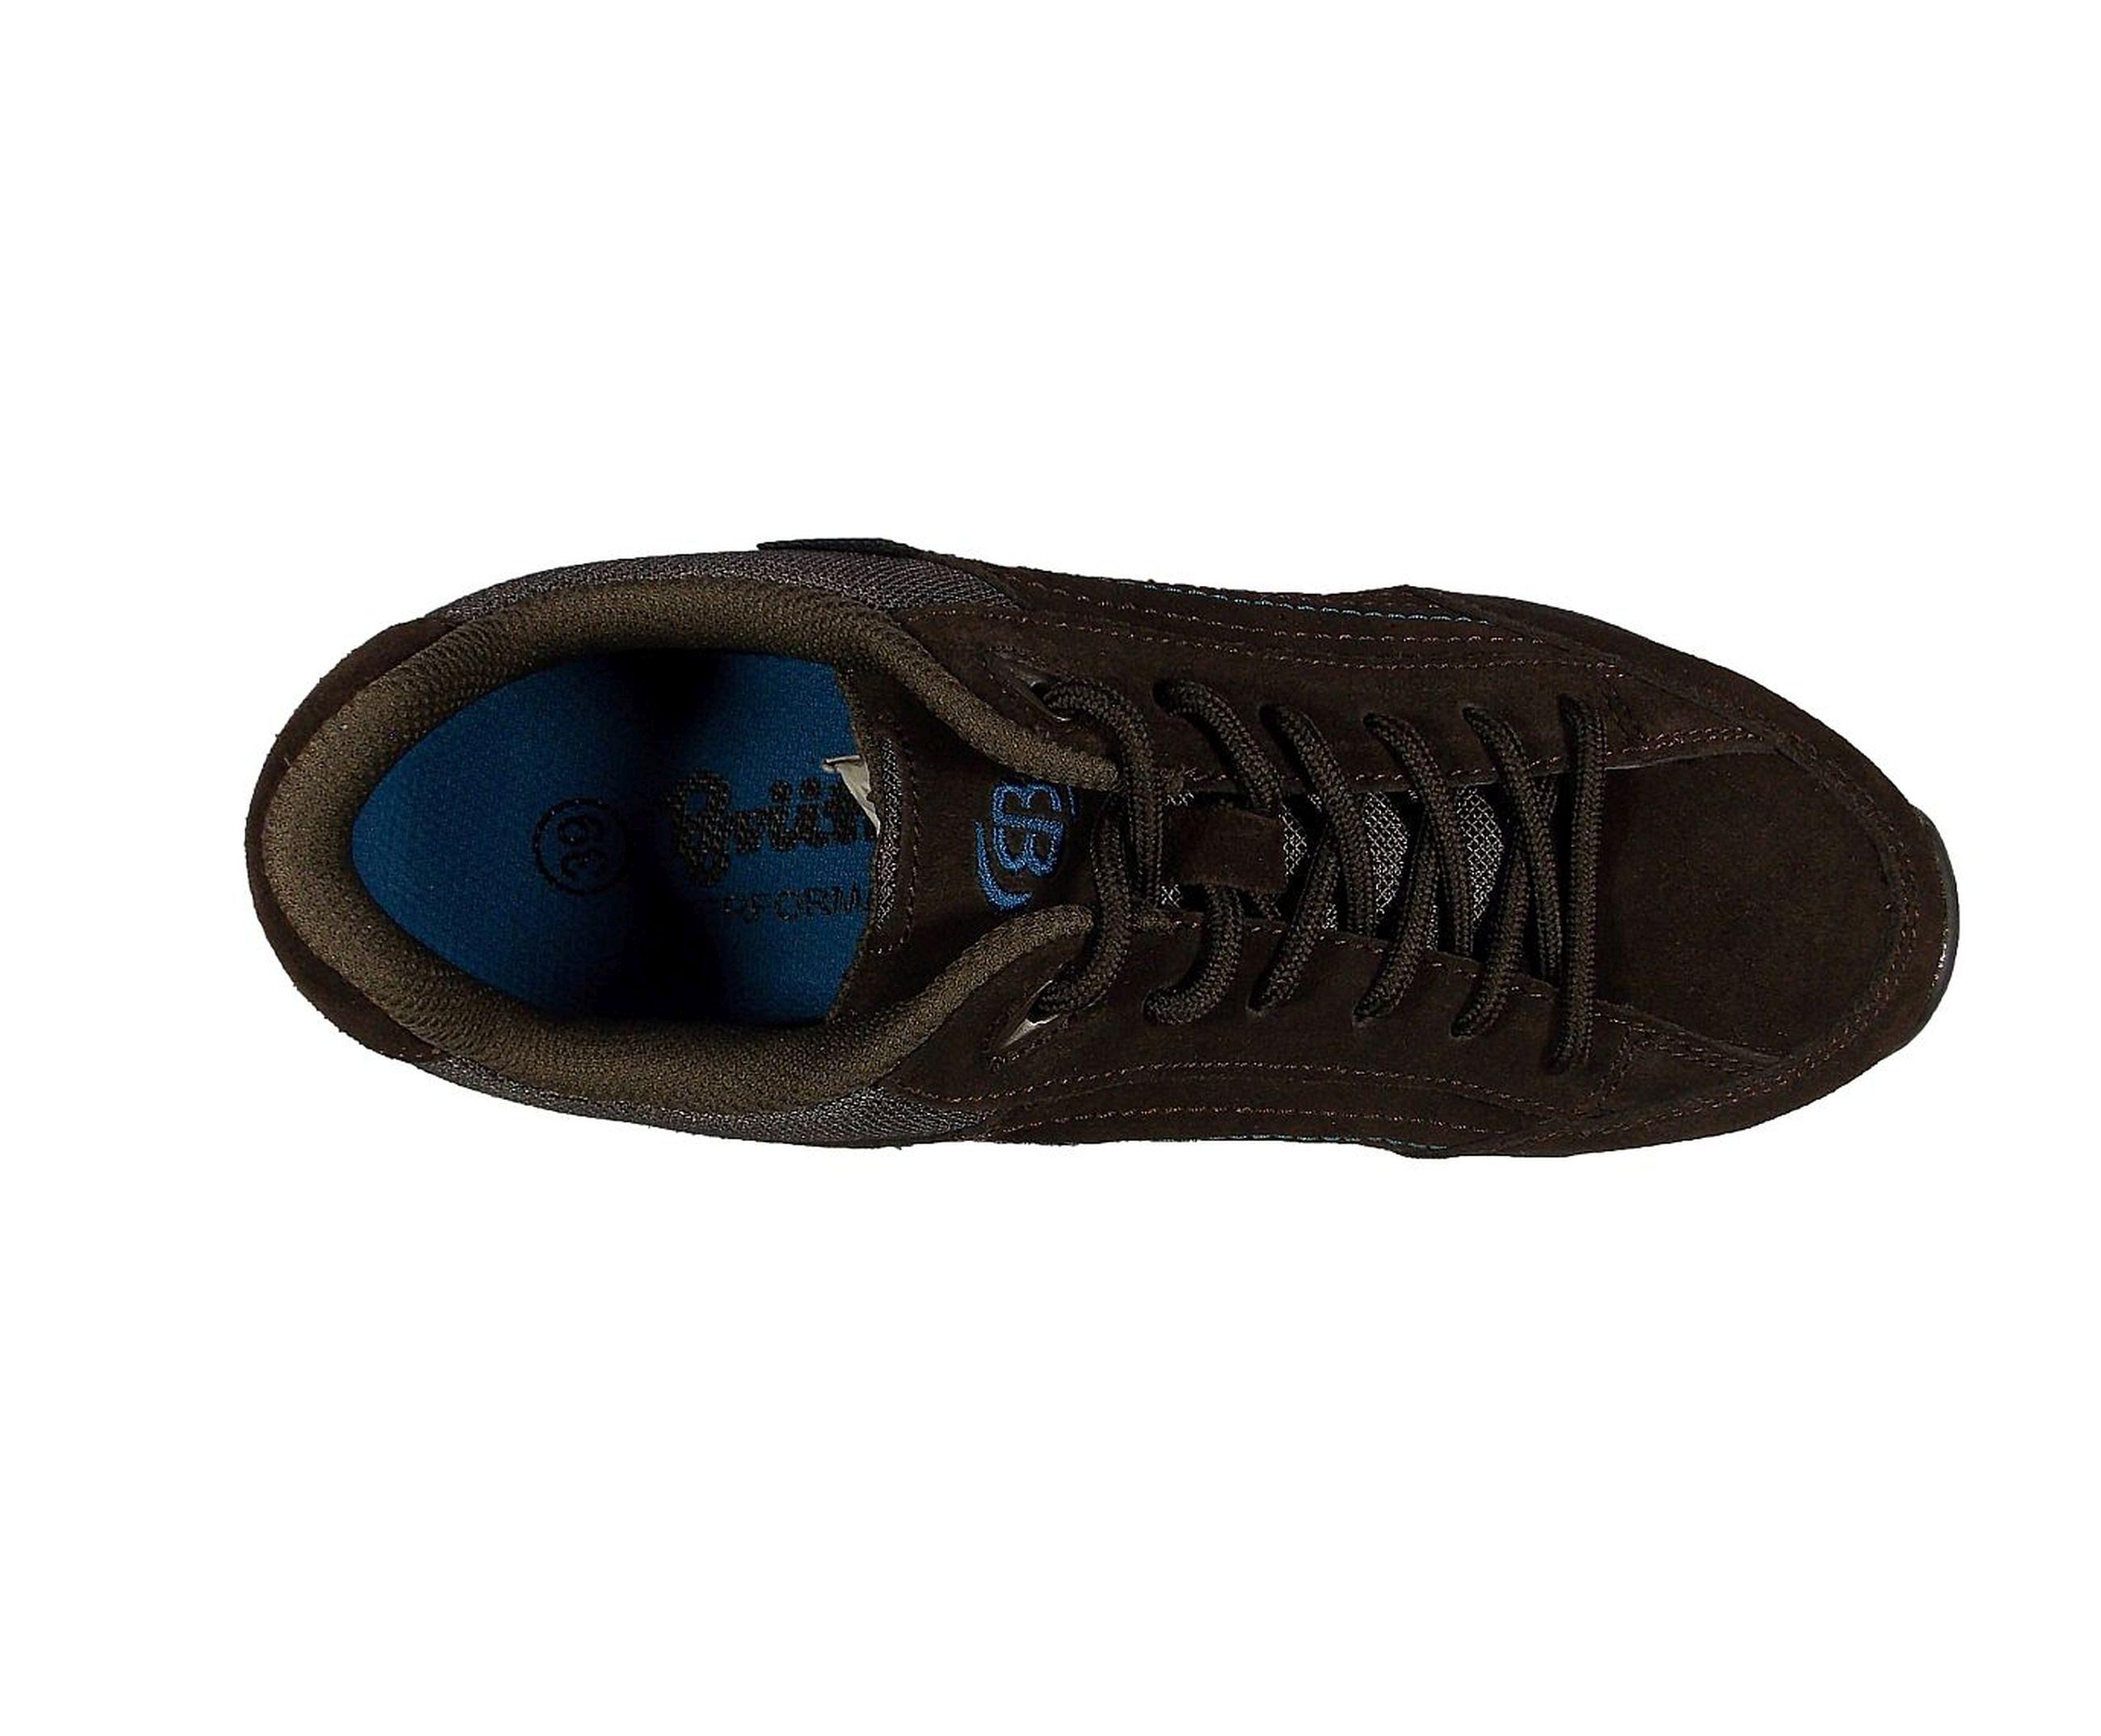 Brütting Chaussures De Loisirs Avec Des Lacets « Course À Pied » snBIl90